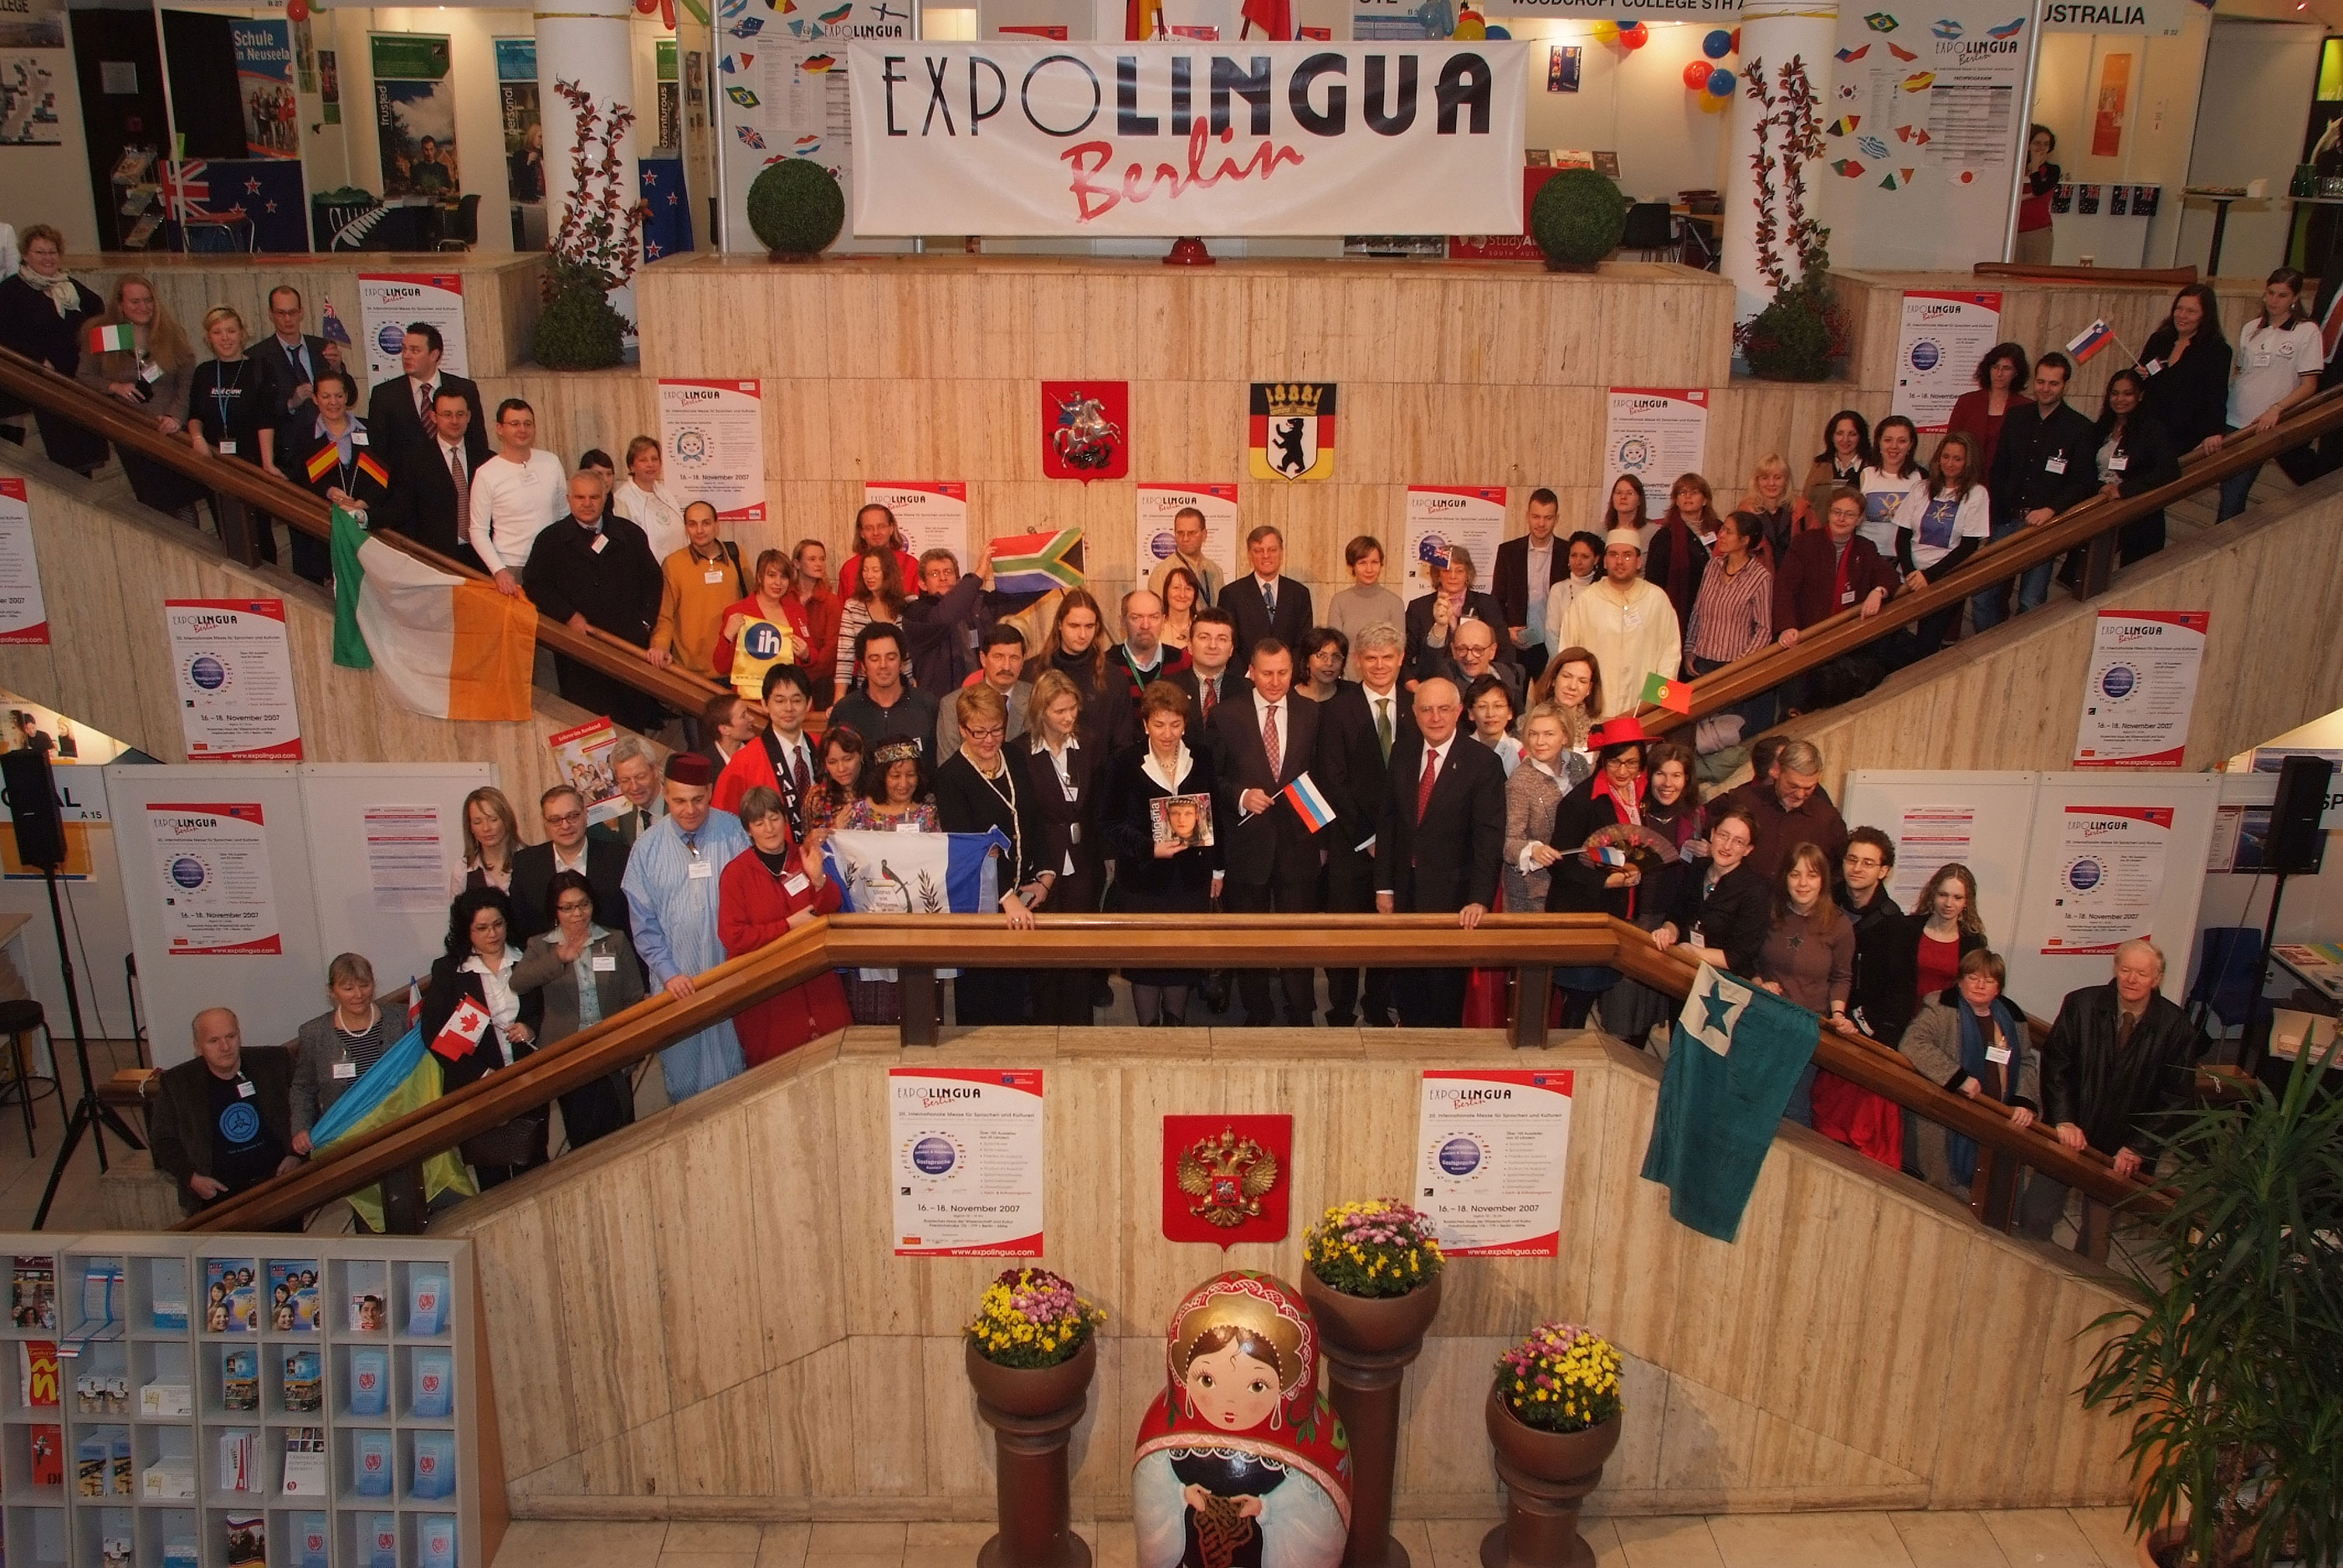 Vielfalt feiern! 25 Jahre Expolingua Berlin – 25 Jahre Sprachen und Kulturen erleben